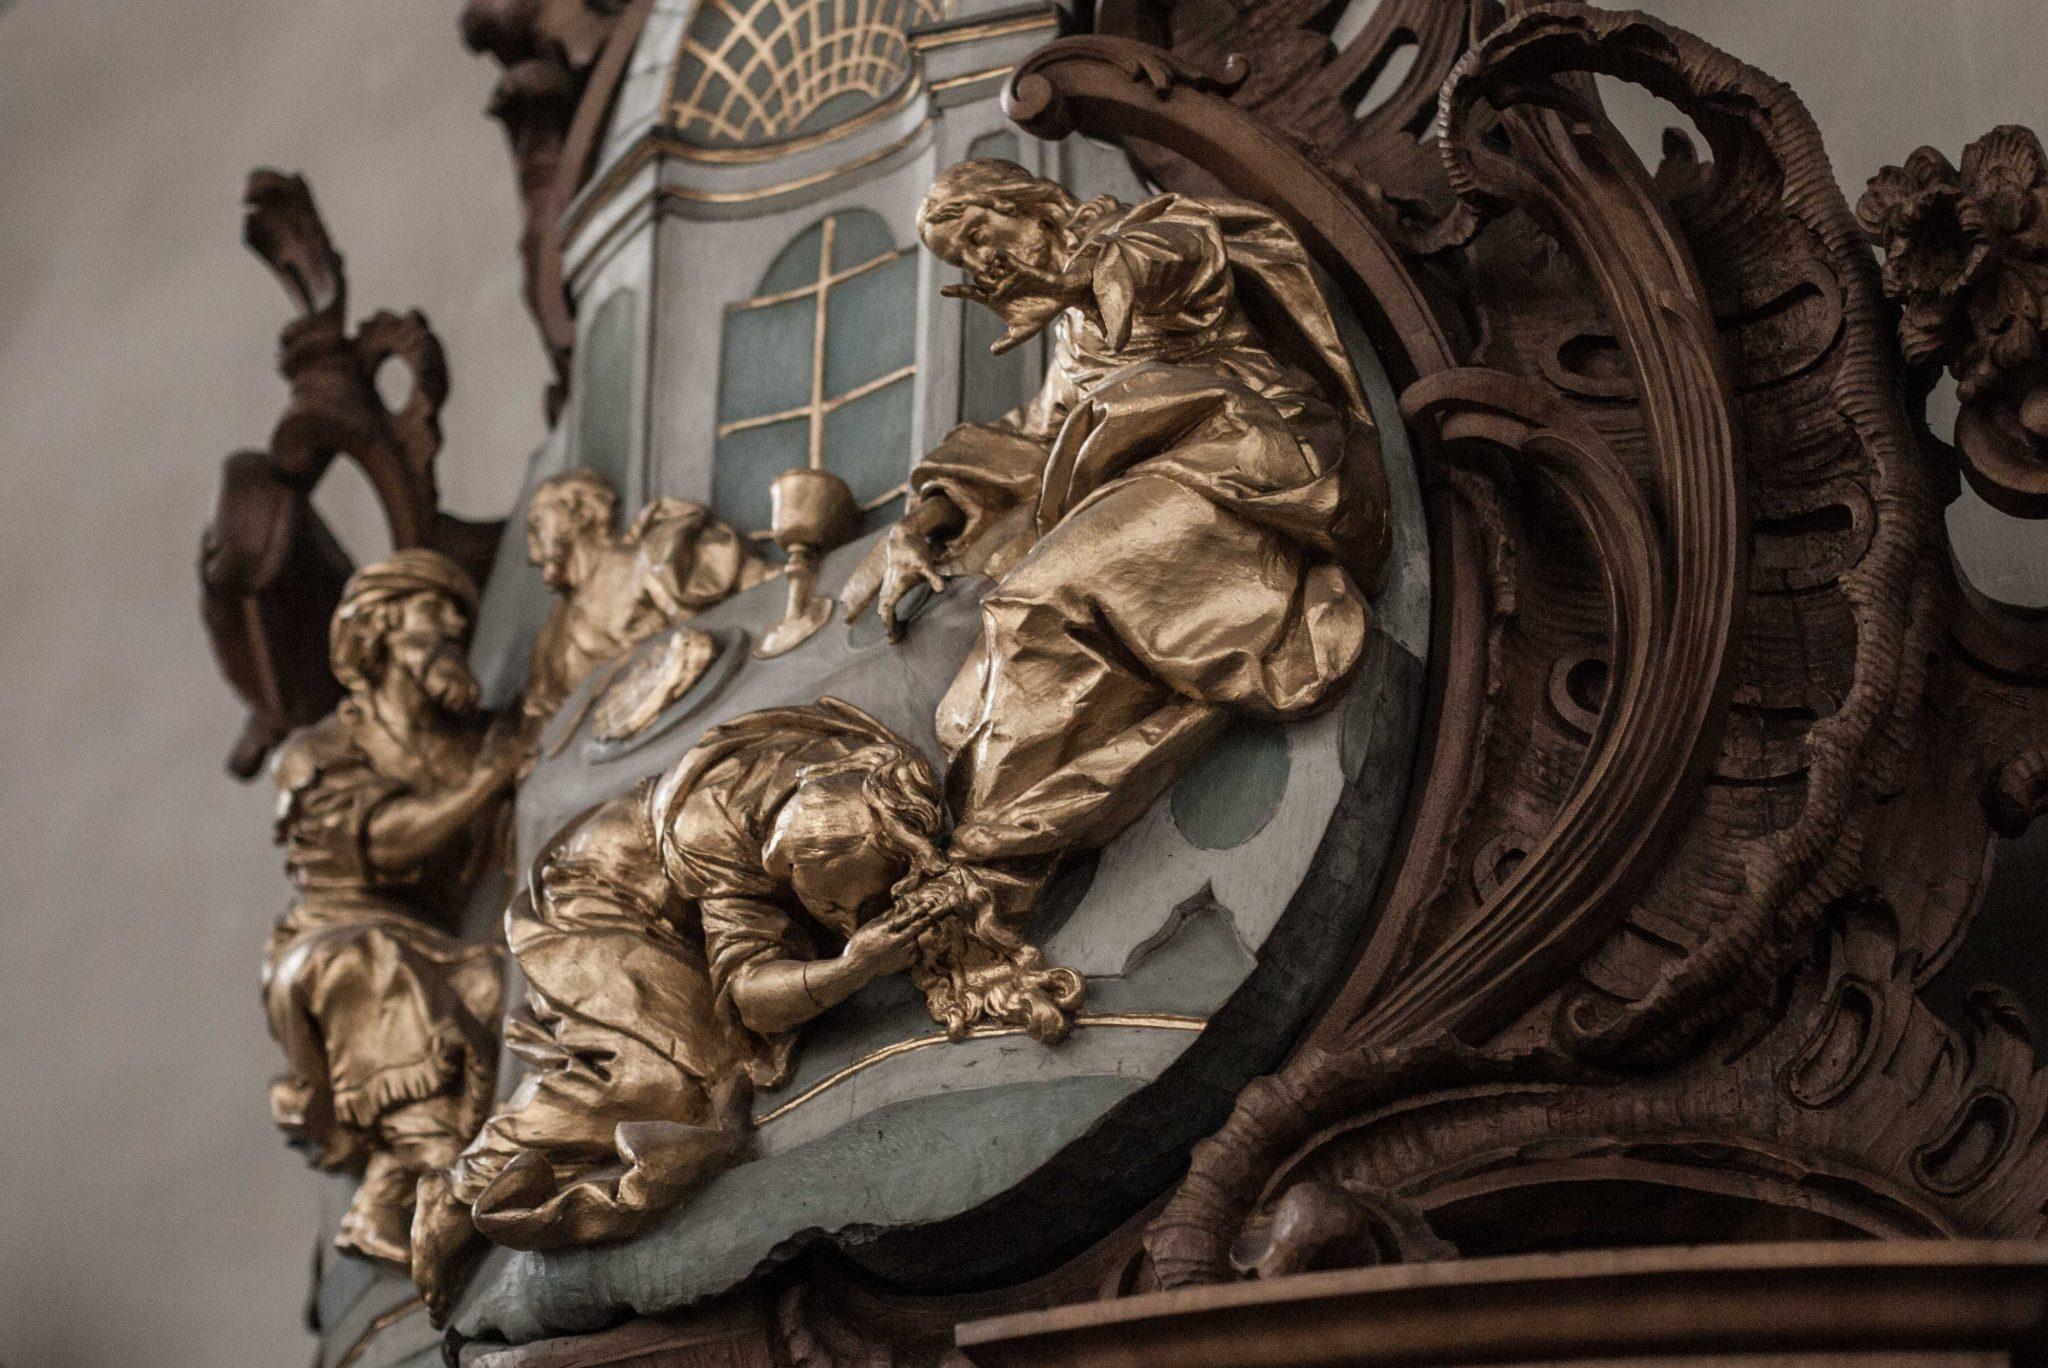 Die Sünderin und der Herr: Nähe zu Jesus setzt kein Perfekt-Sein voraus. Beichtstuhl in Sankt Gallen